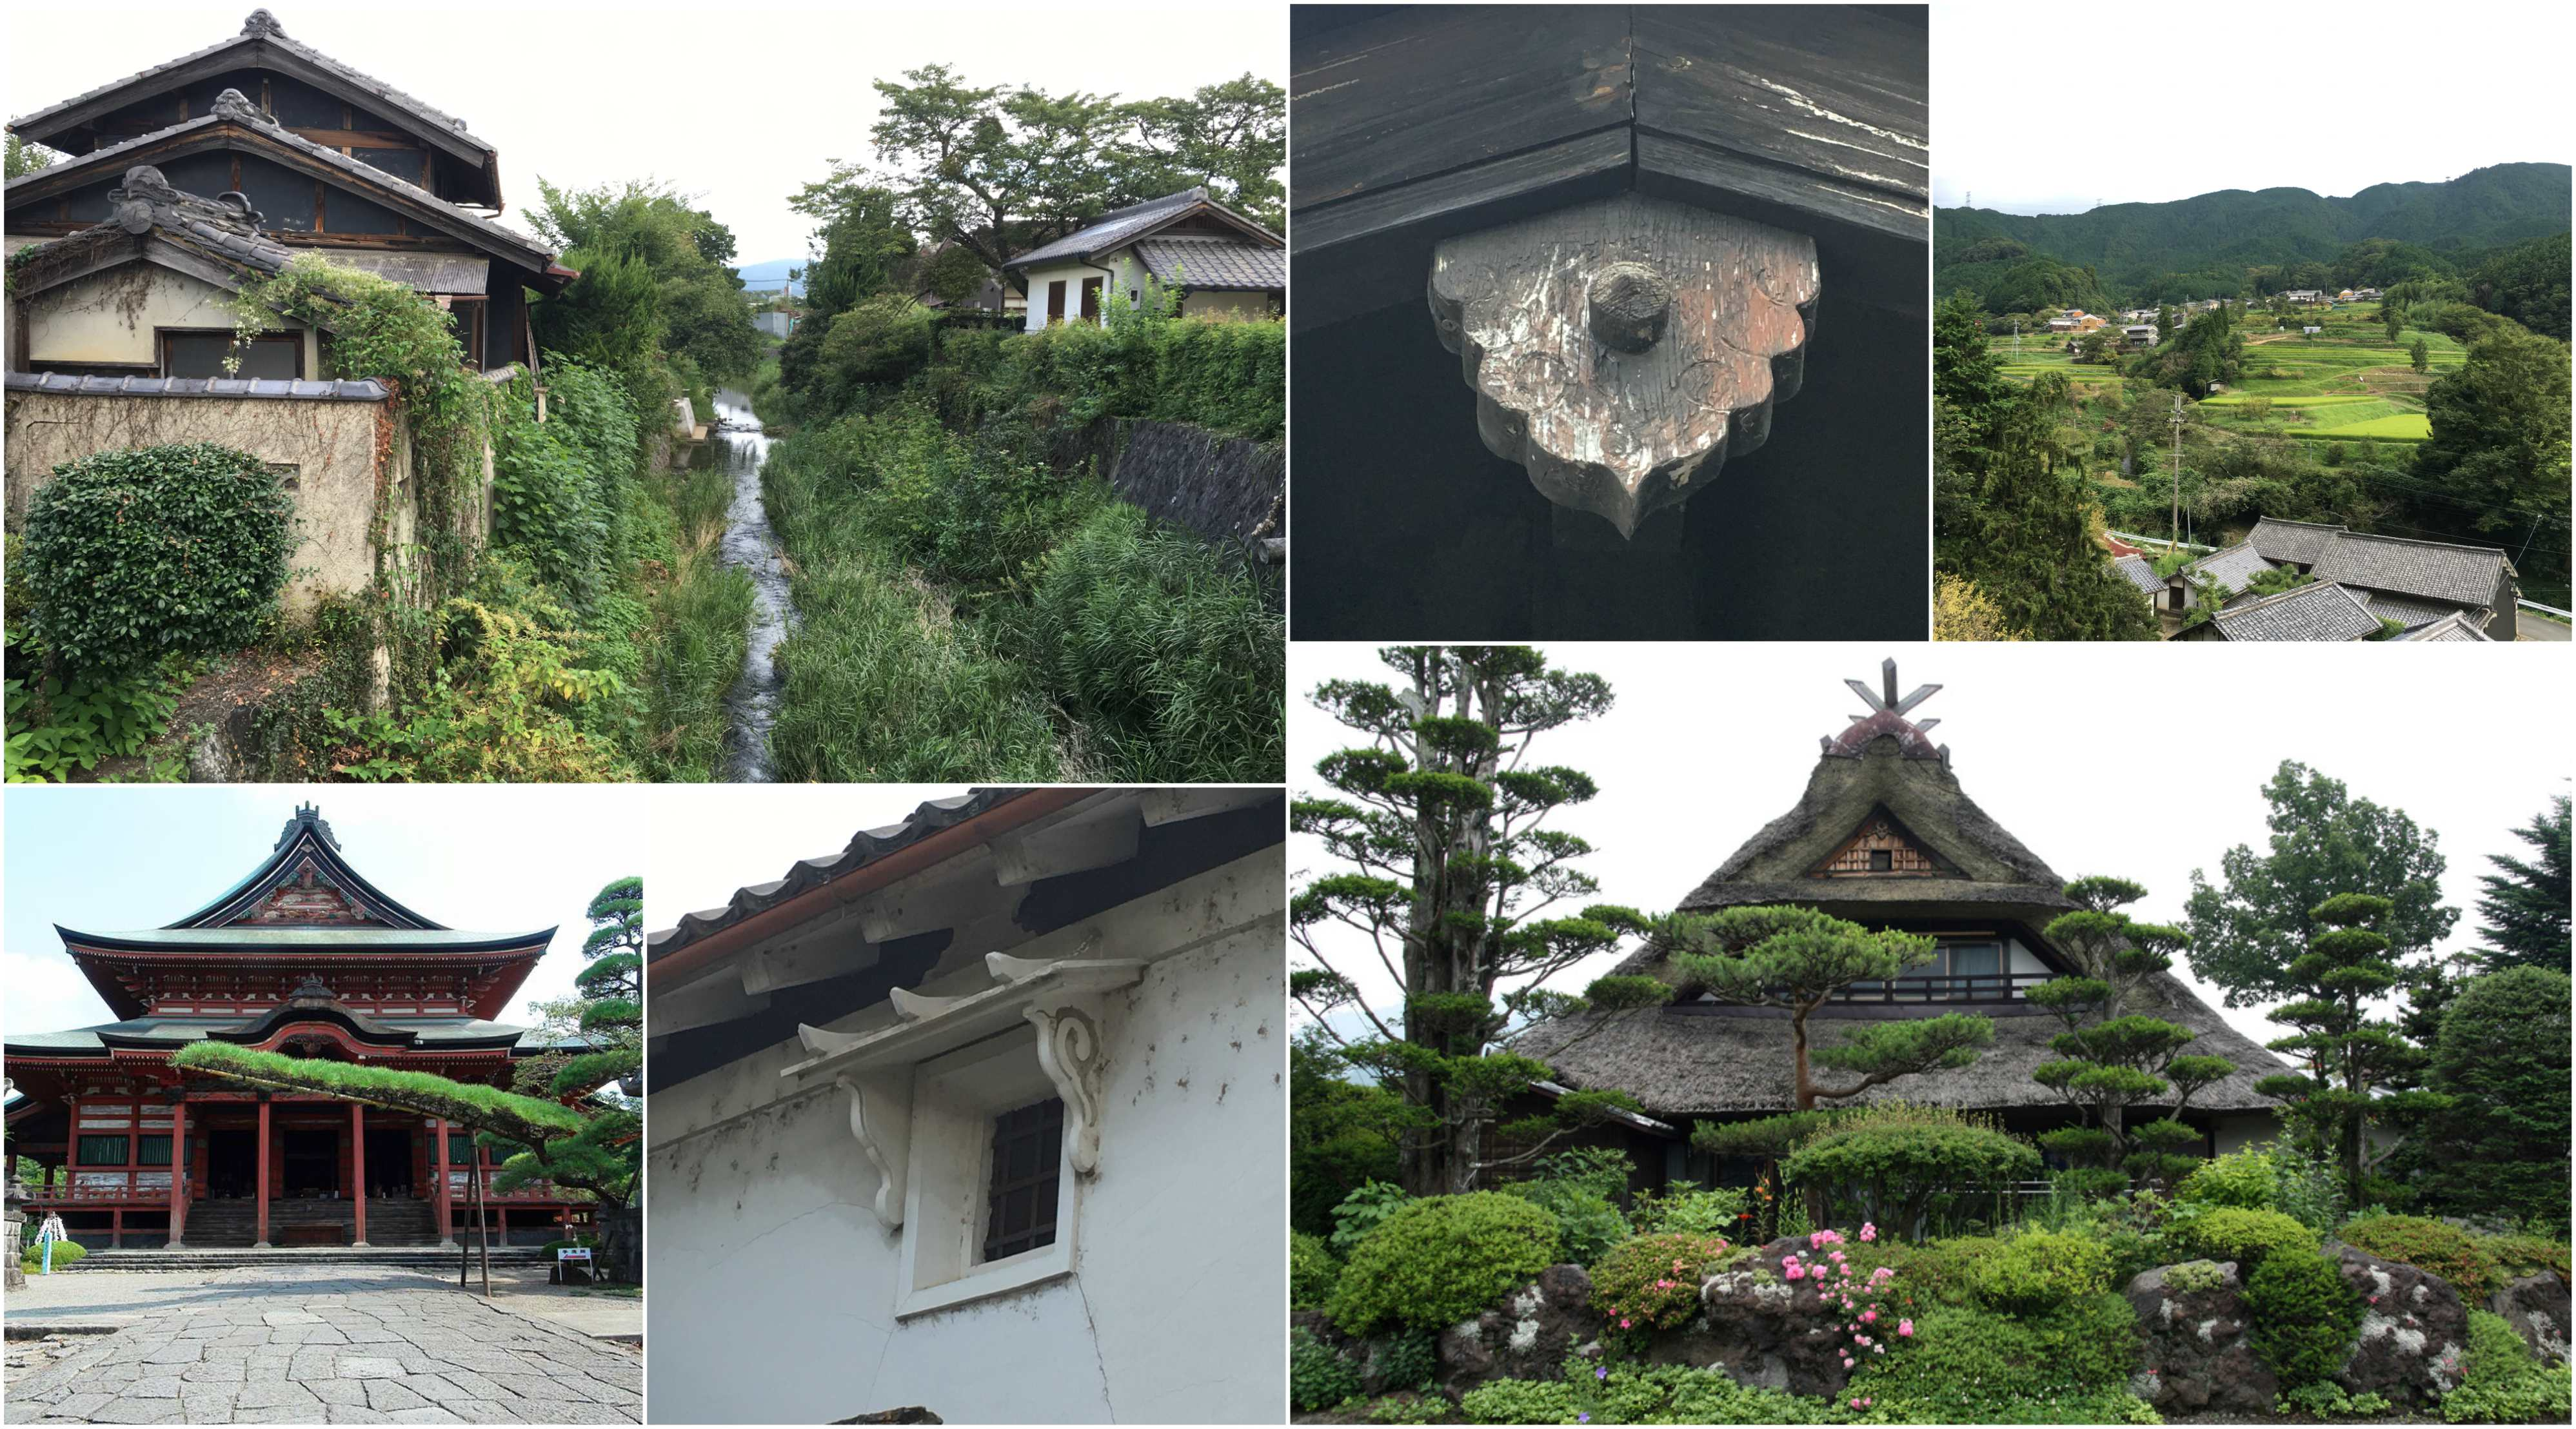 yamanashi-collage